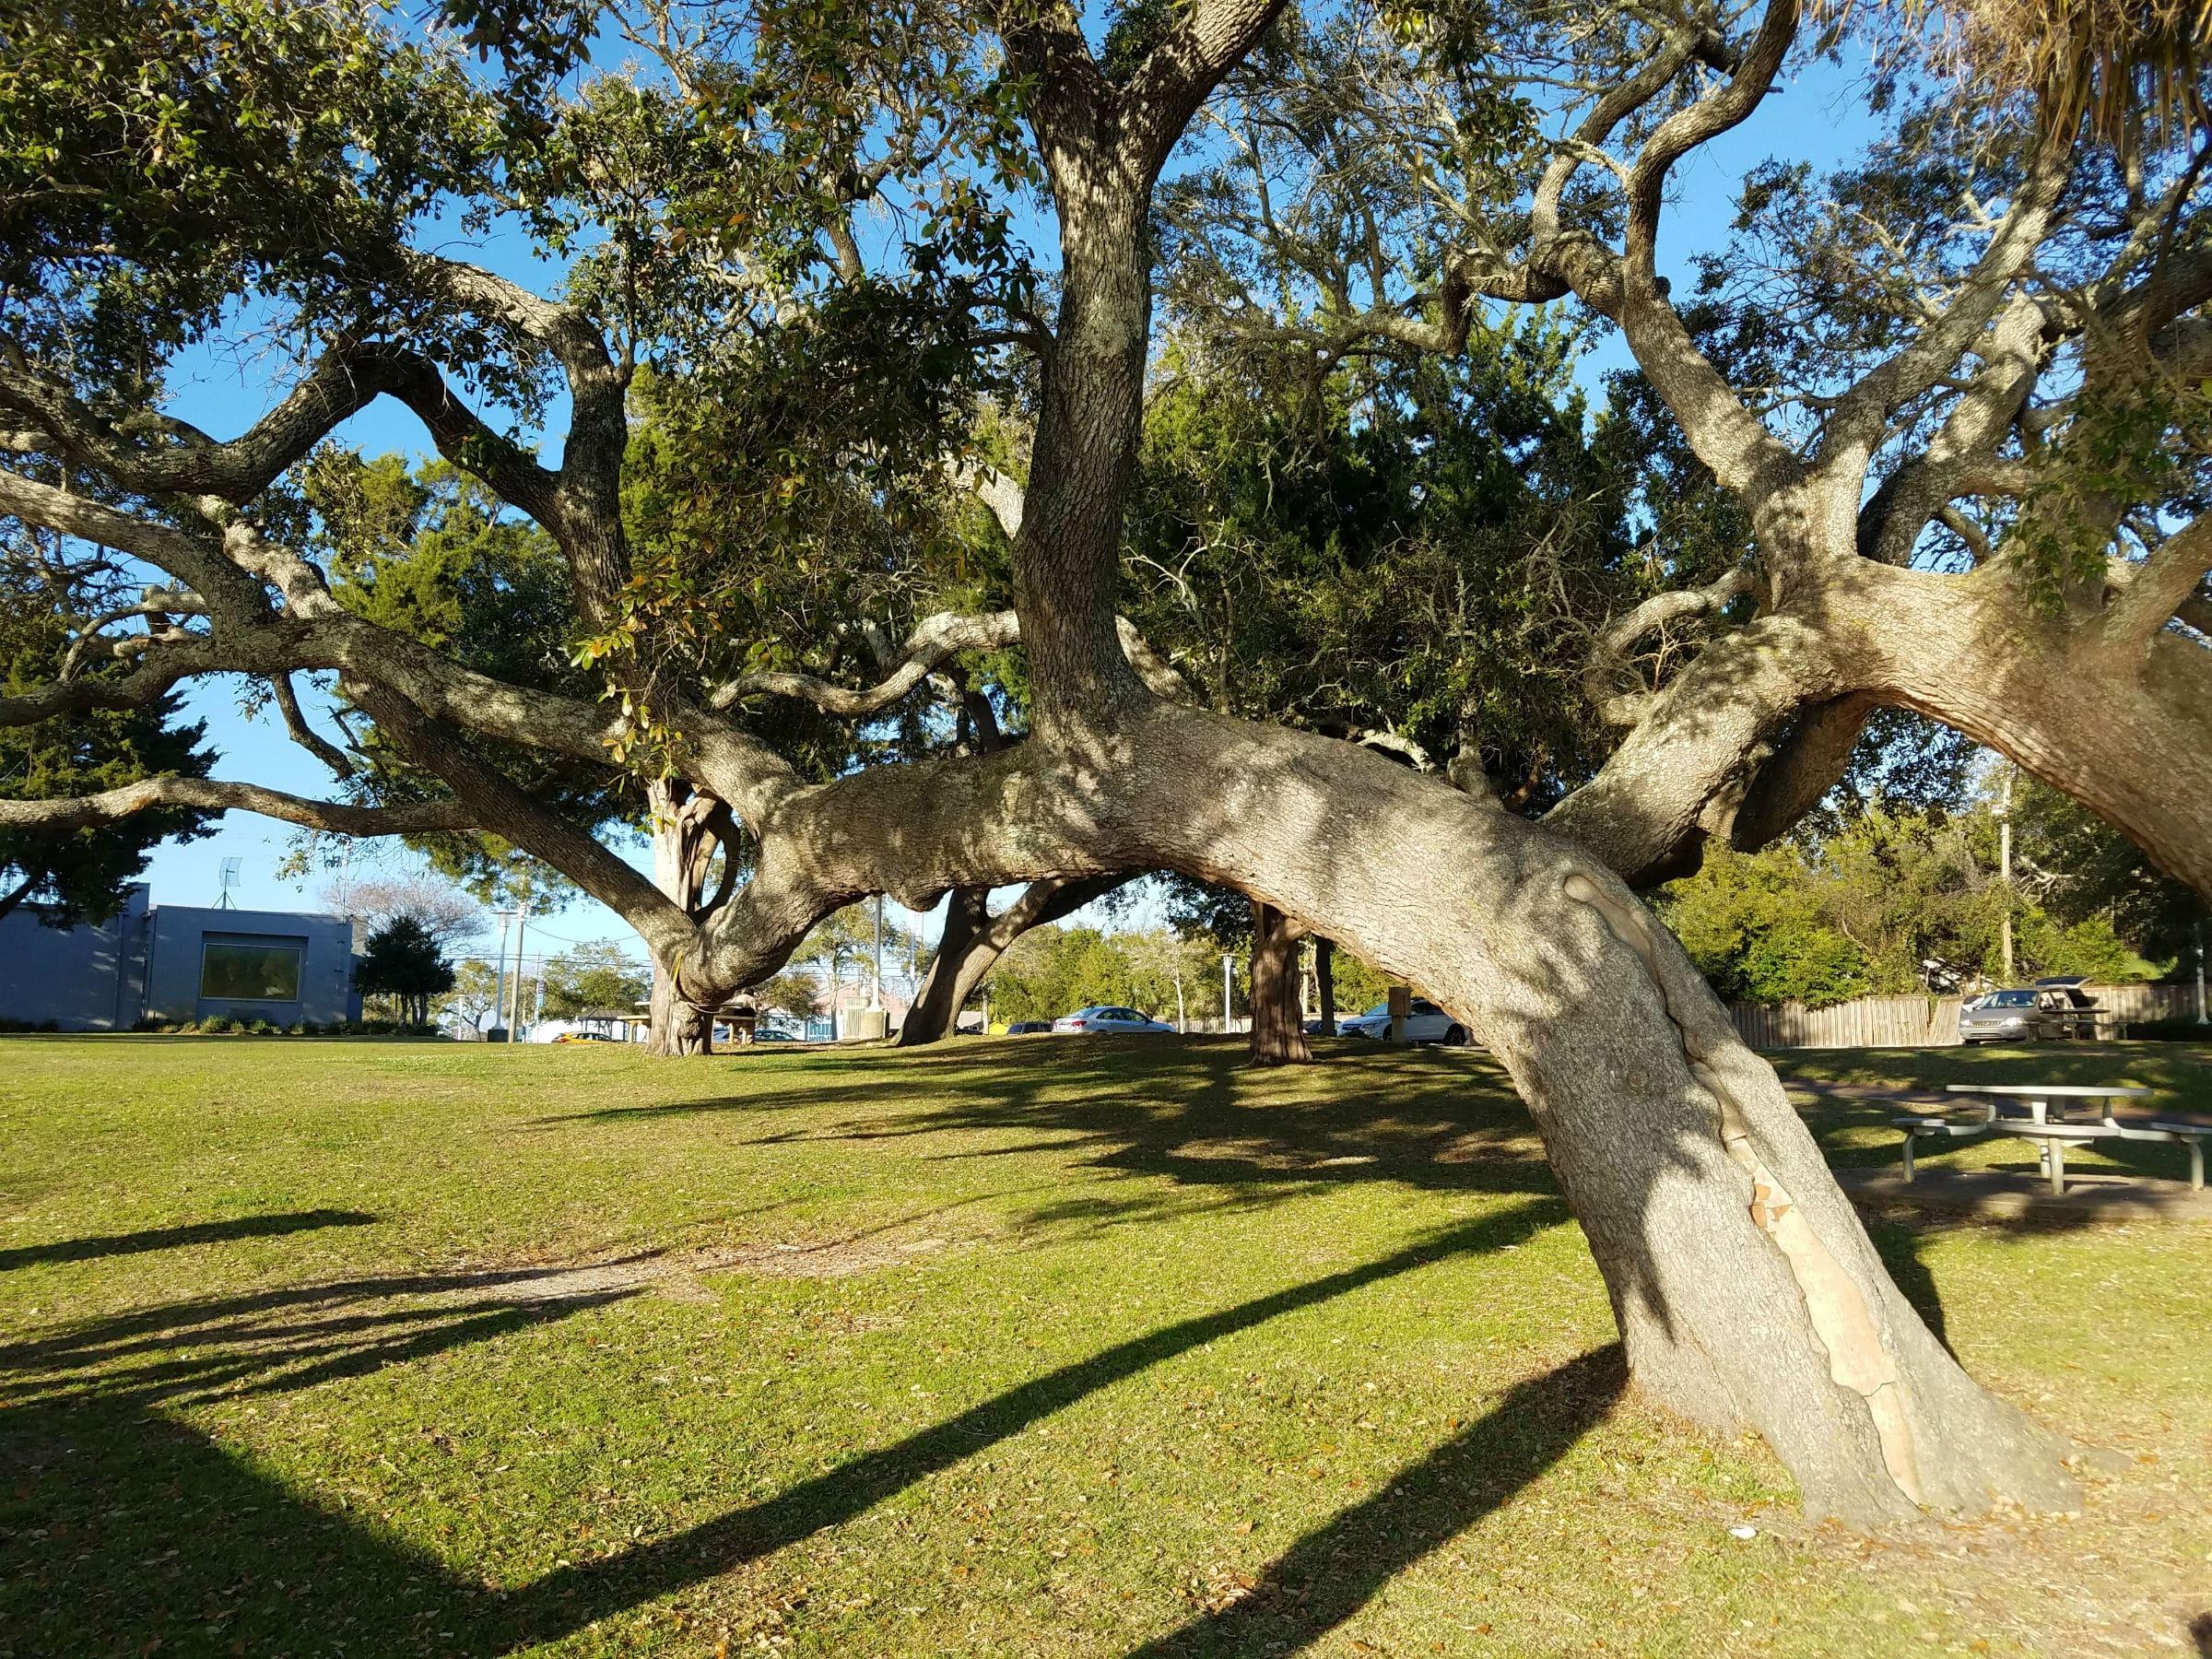 Southern Live Oak-Fort Walton Beach Florida-01